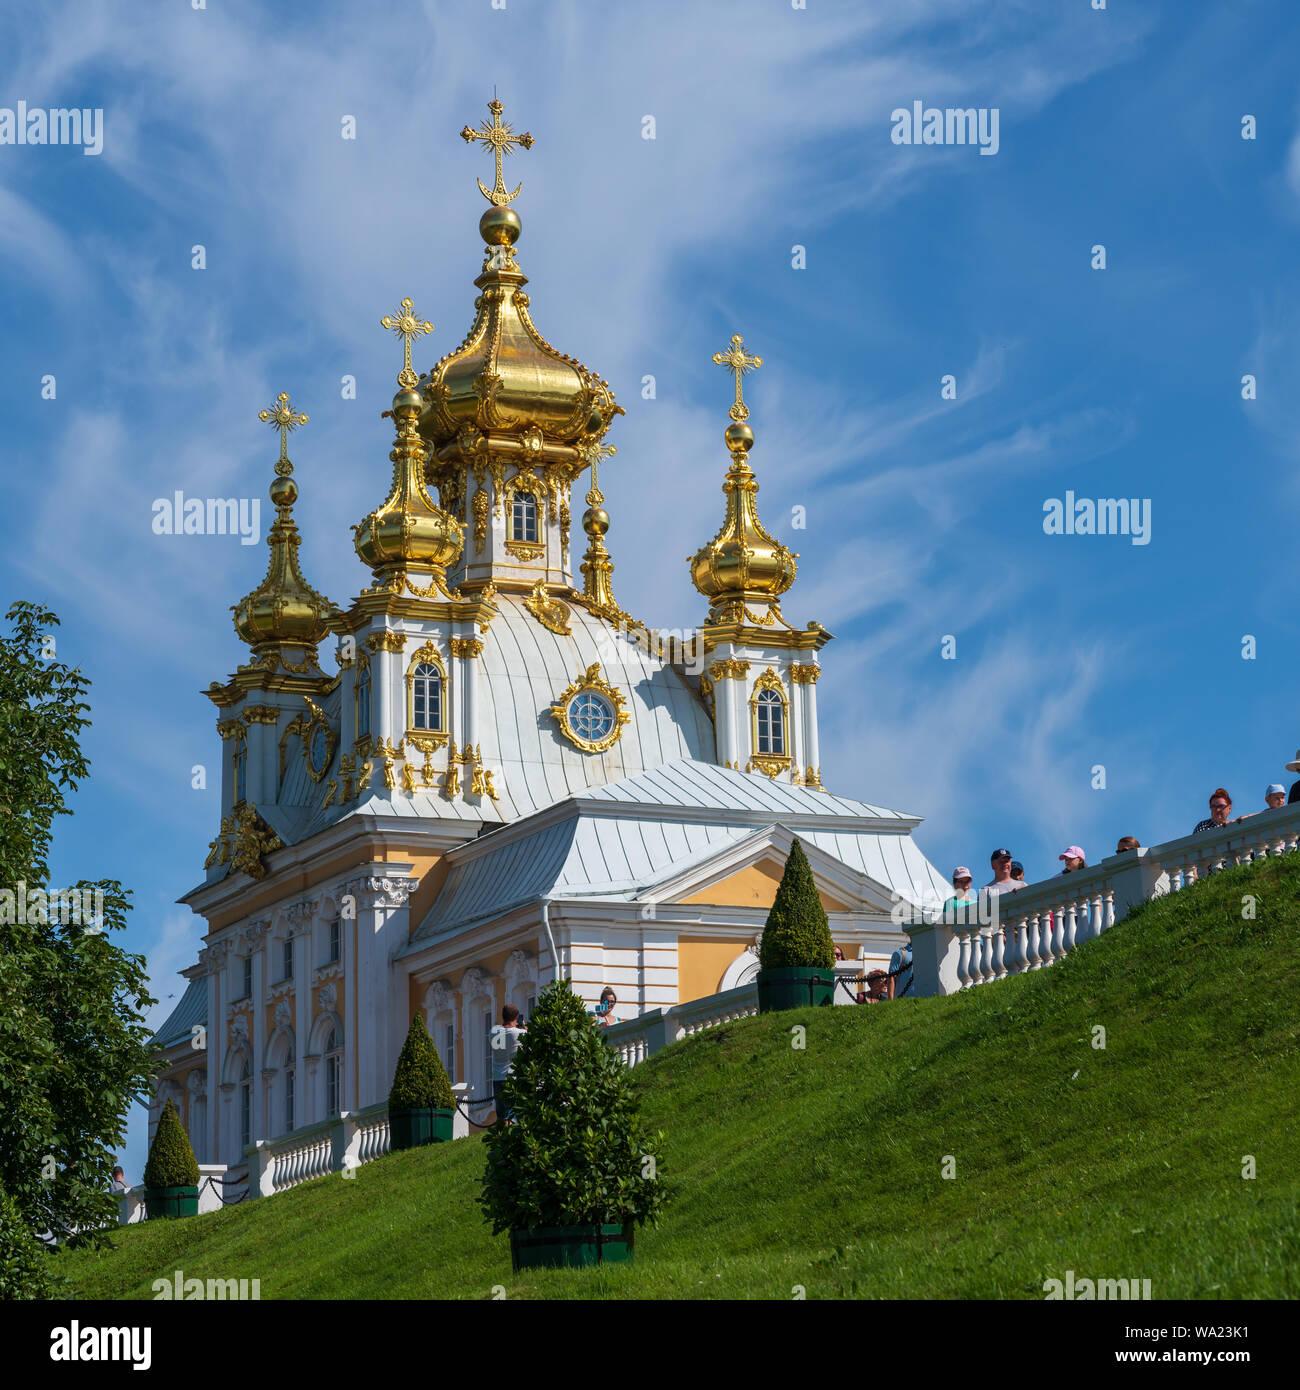 Peterhof, Rusia - el 21 de julio de 2019. Una foto de la cúpula de oro vivienda adyacente al Palacio de Verano en Peterhof. Foto de stock